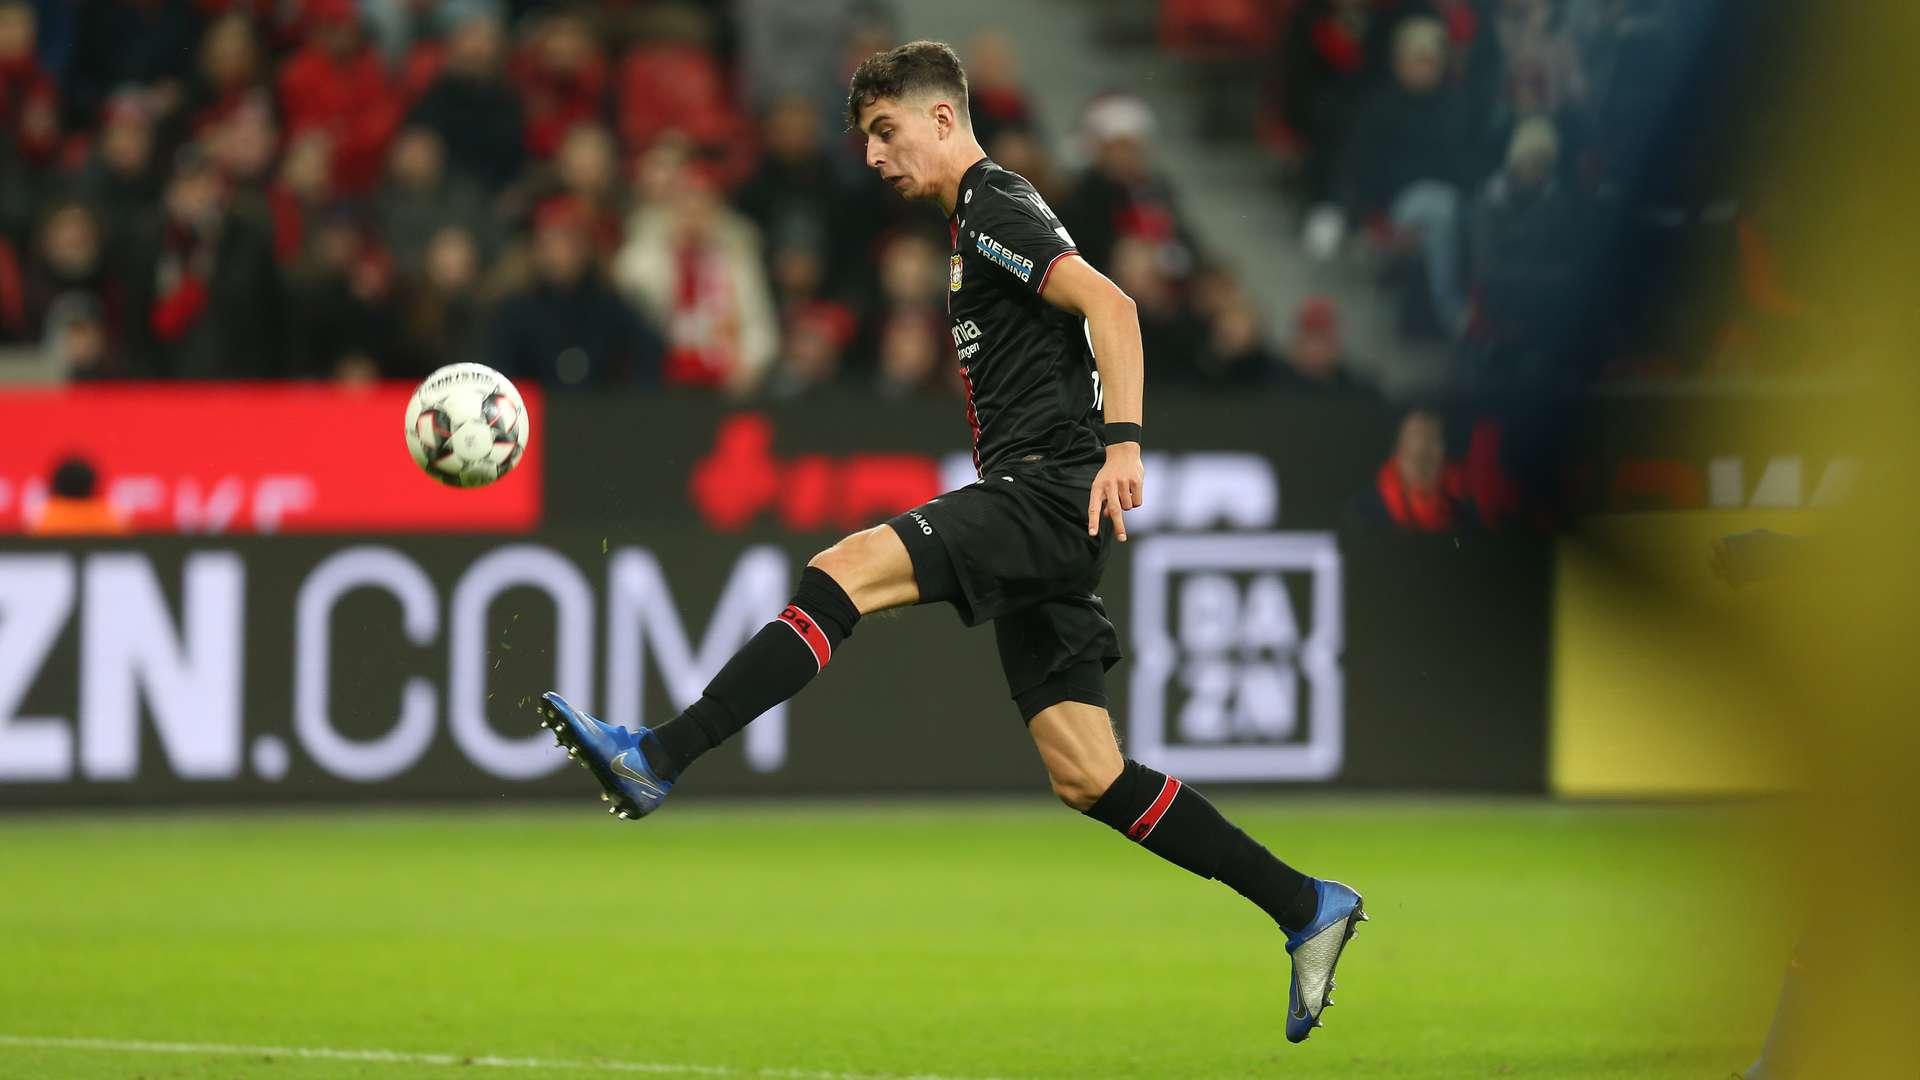 Talento dell'Anno Bundesliga 2018-19 Premio Pianigiani – Havertz-Goretzka si spartiscono i troni di tappa